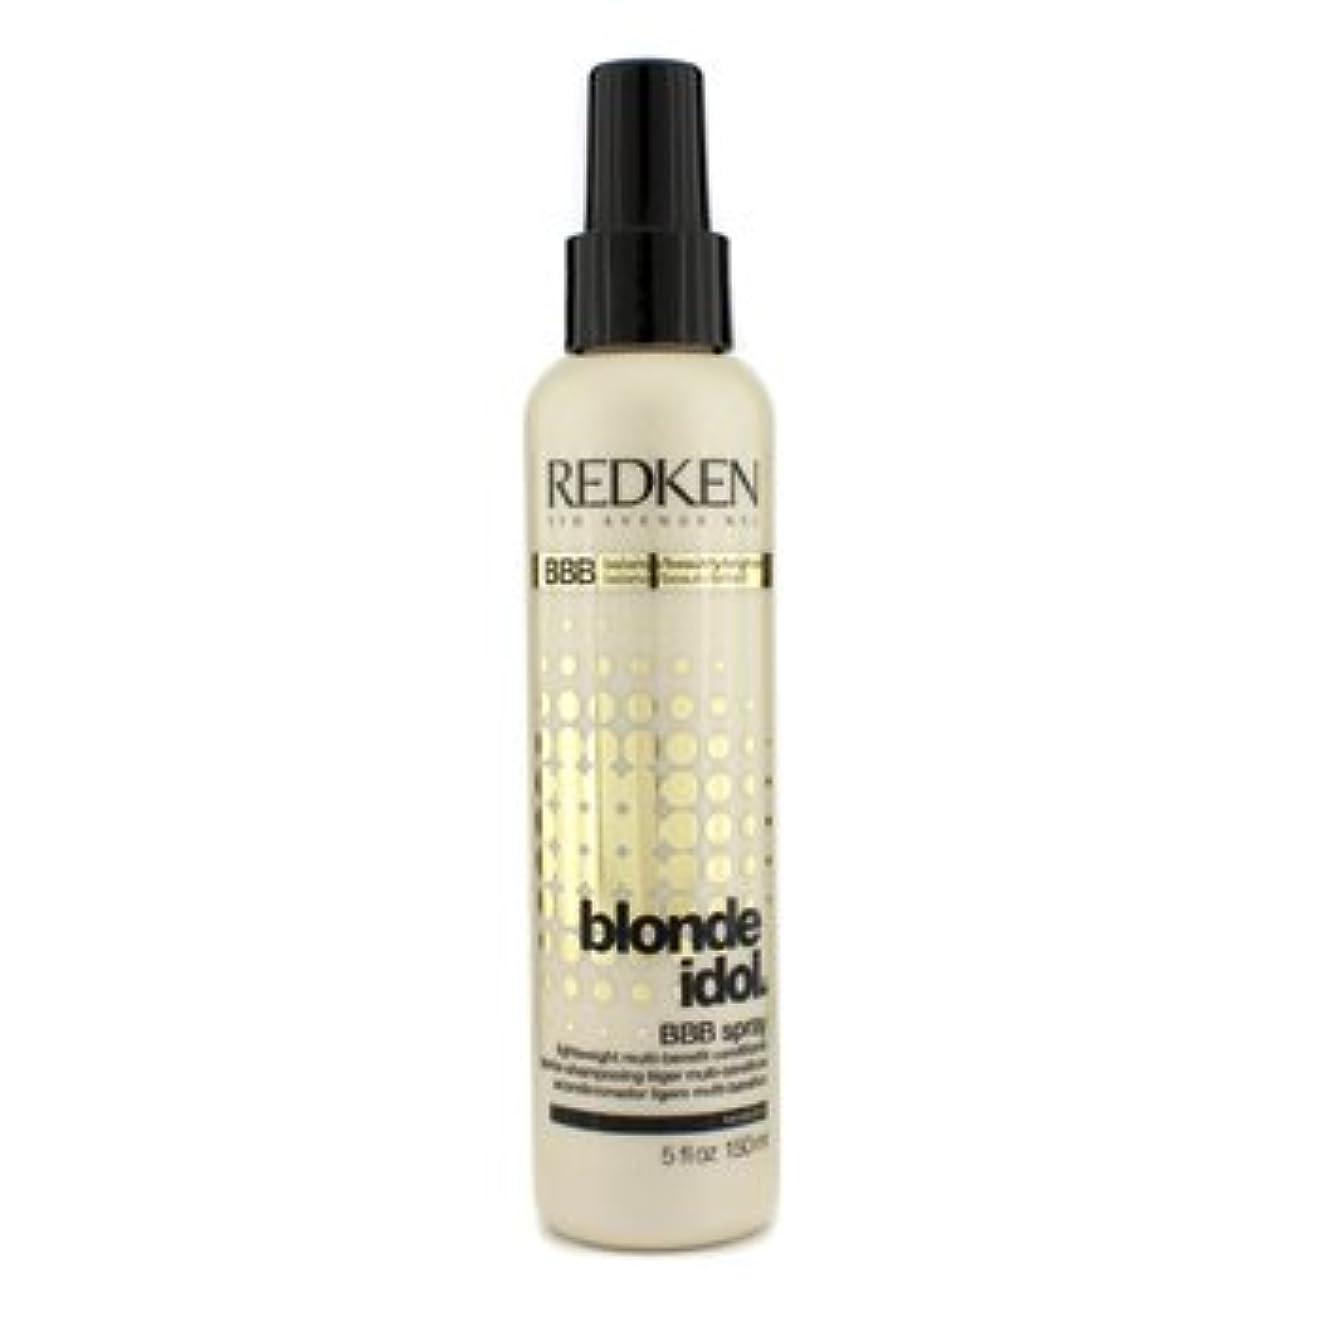 学生男らしい不十分な[Redken] Blonde Idol BBB Spray Lightweight Multi-Benefit Conditioner (For Beautiful Blonde Hair) 150ml/5oz